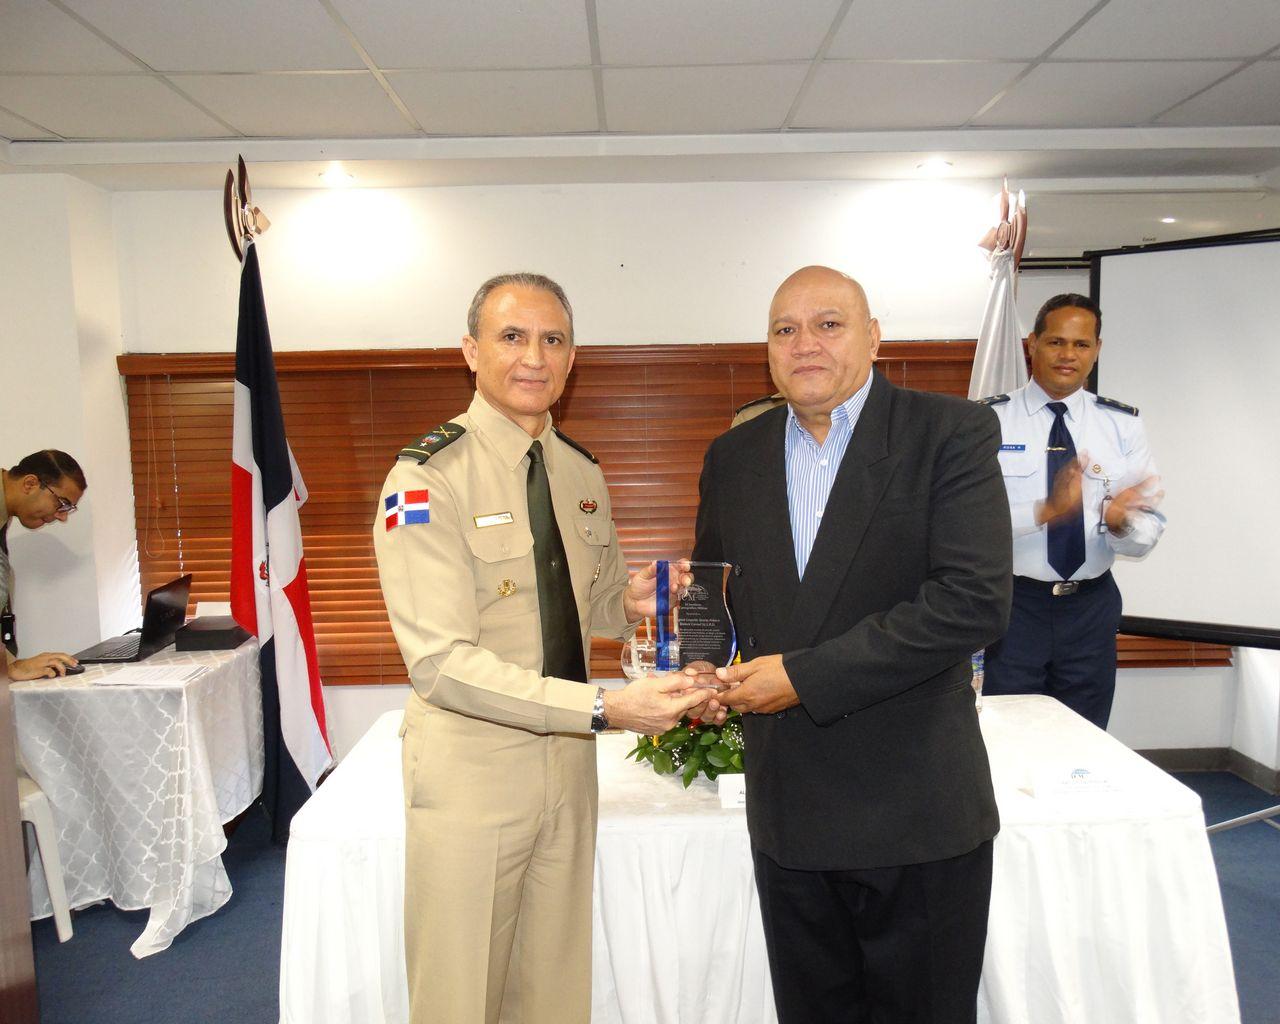 Instituto Cartográfico Militar realiza reconocimiento